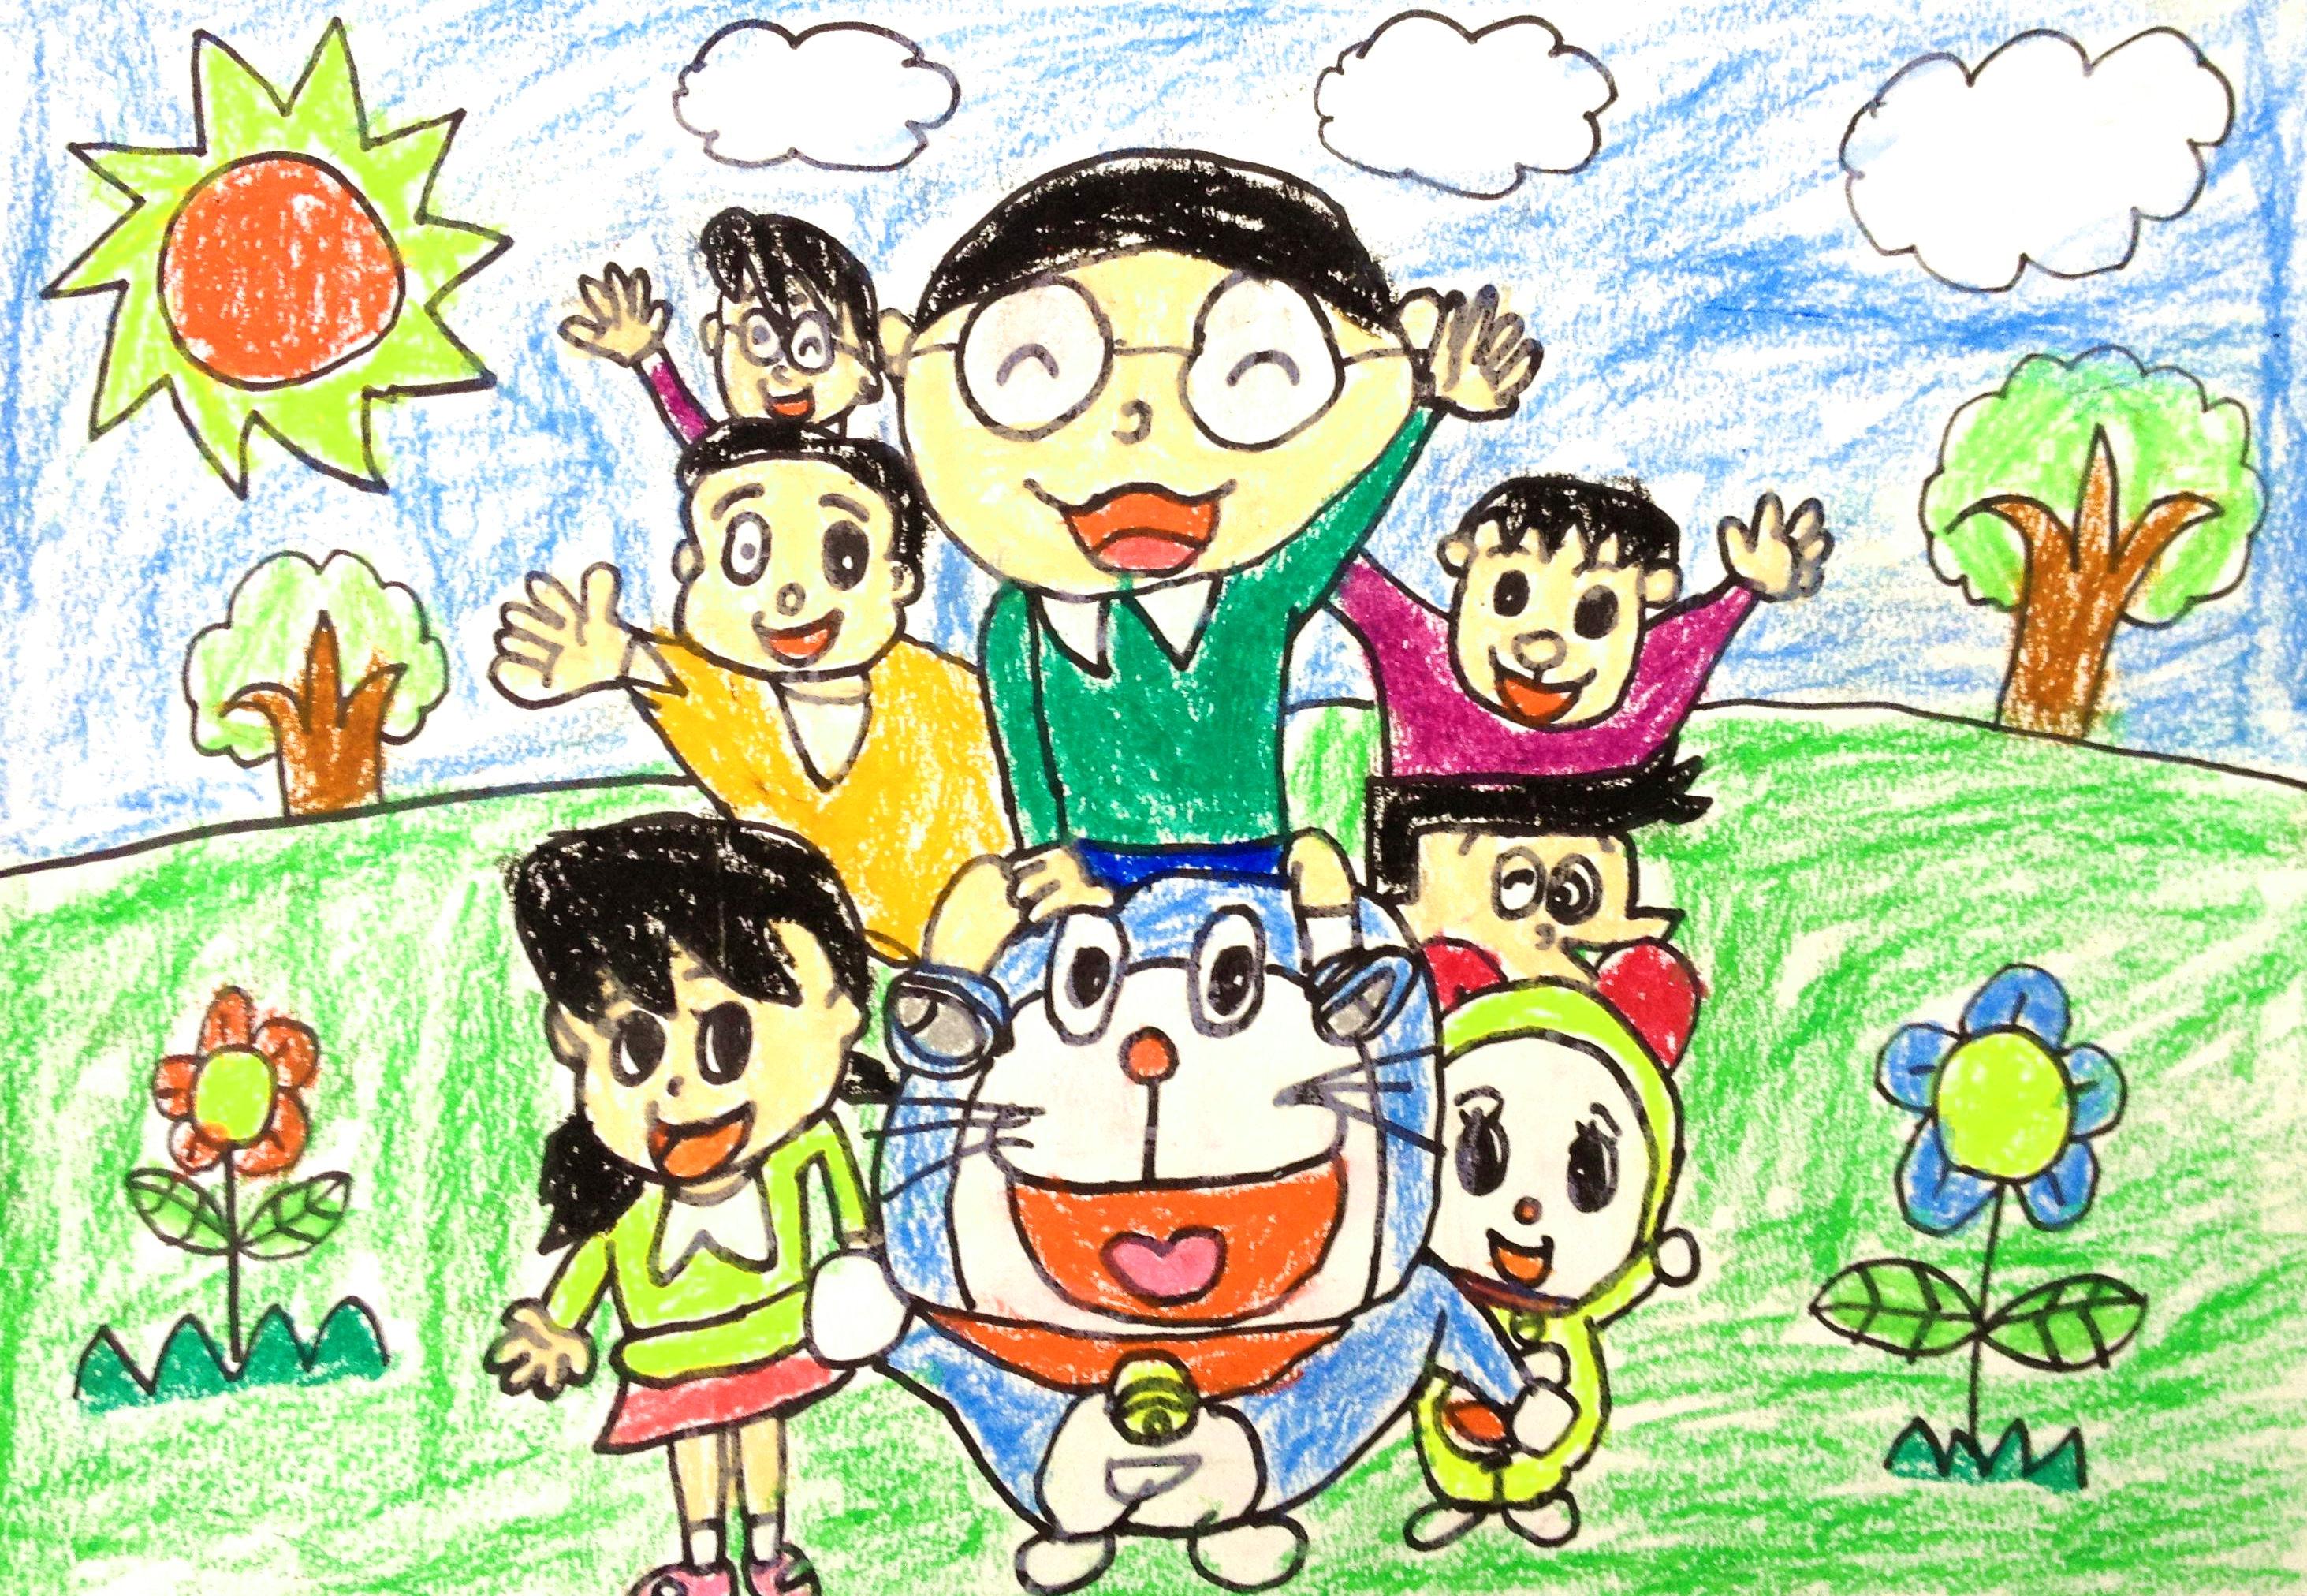 830 我要评论 1  1 大图浏览 分享到: 多啦a梦全家福展示全世界小朋友